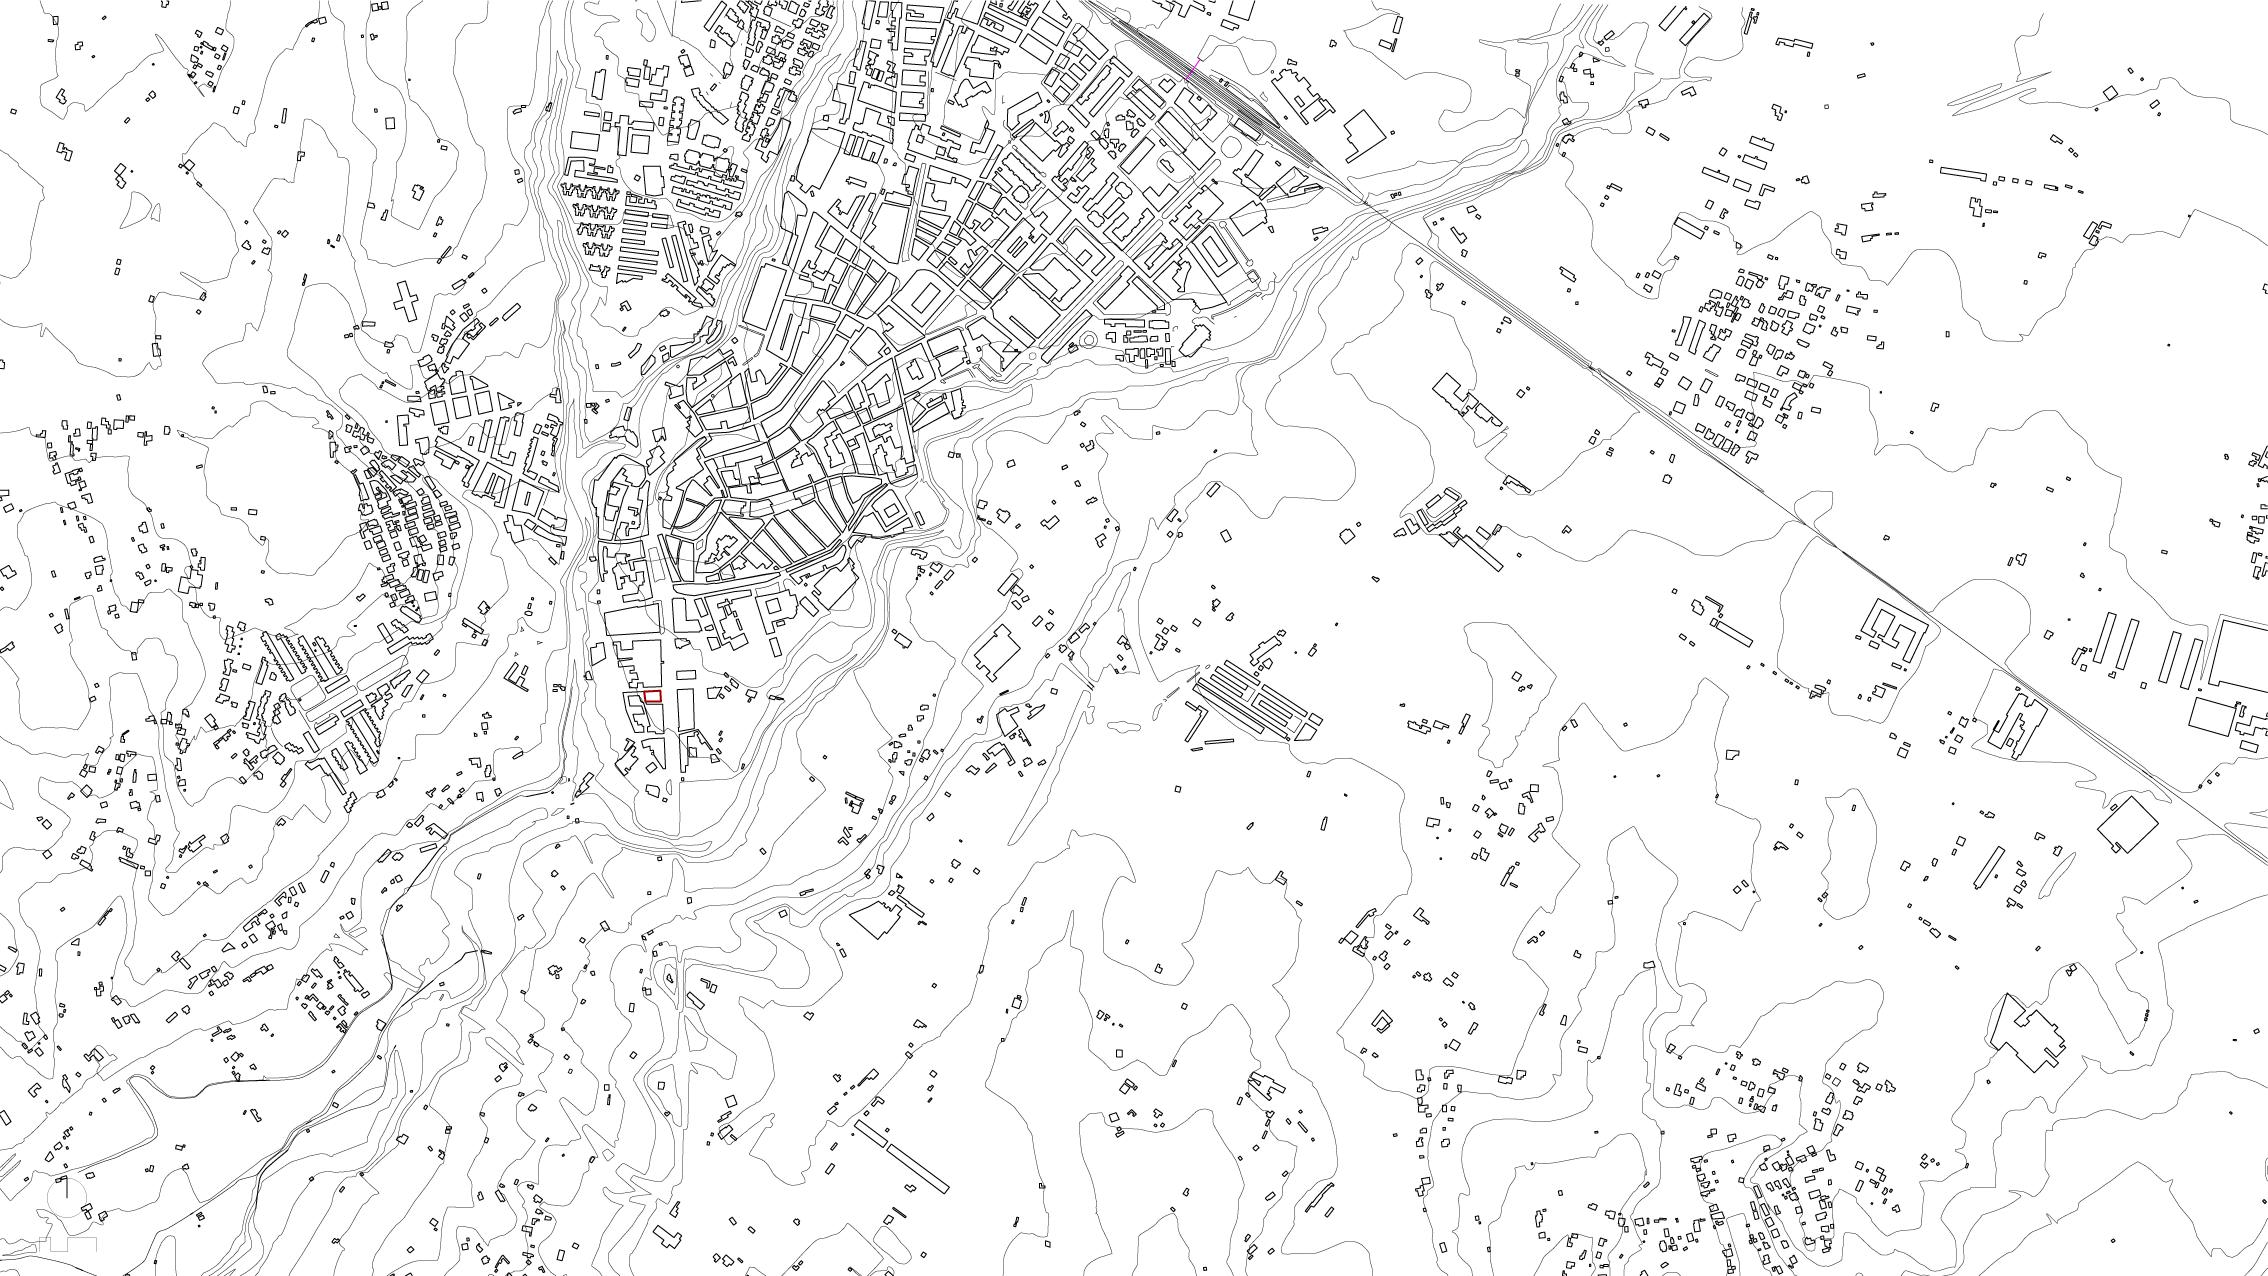 66-situació-5000-wb.png